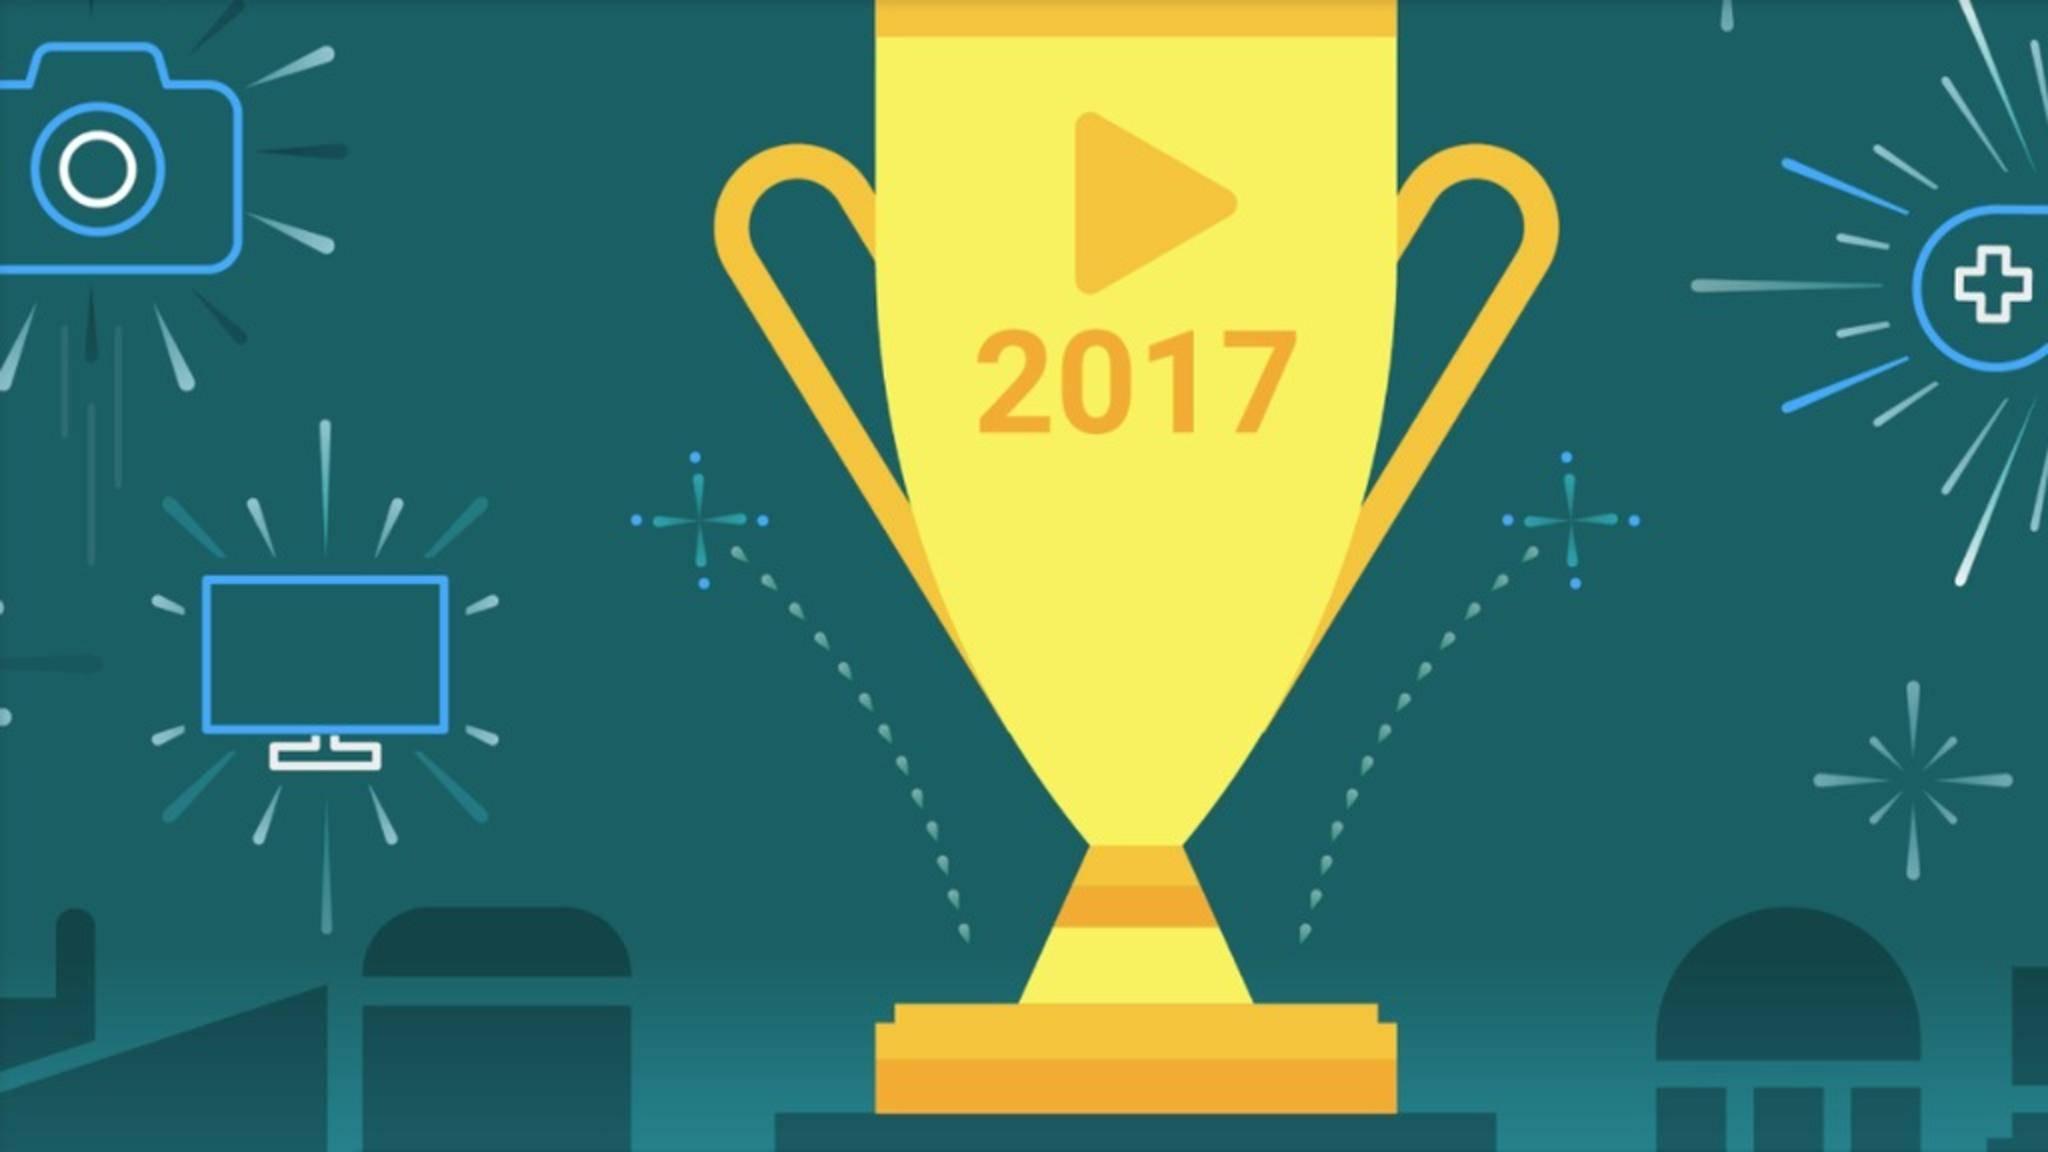 Auch 2017 erschienen wieder tolle Apps & Games im Play Store.